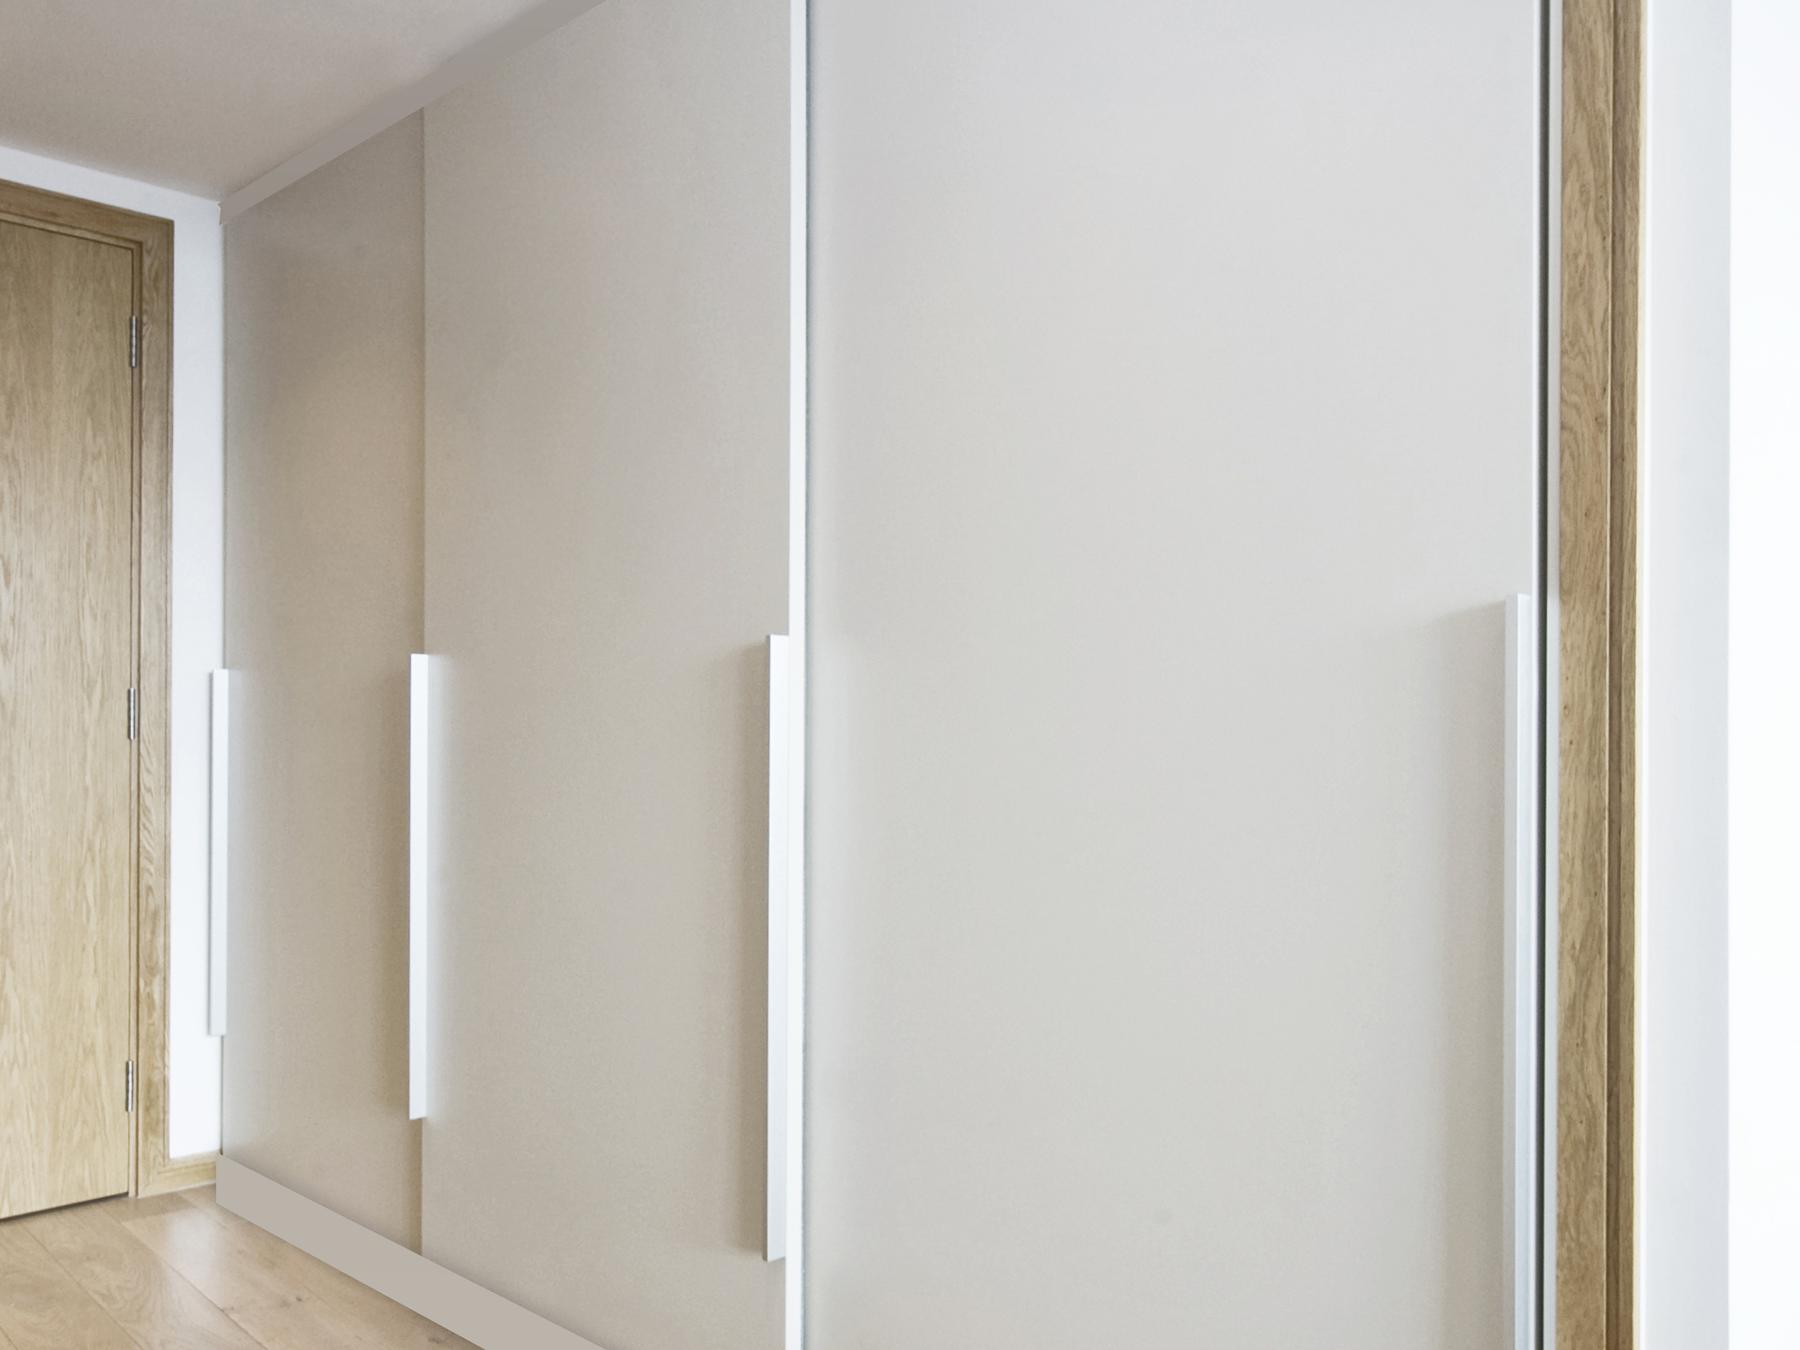 inspiration bedroom wardrobe doors gallery wardrobes sliding designs